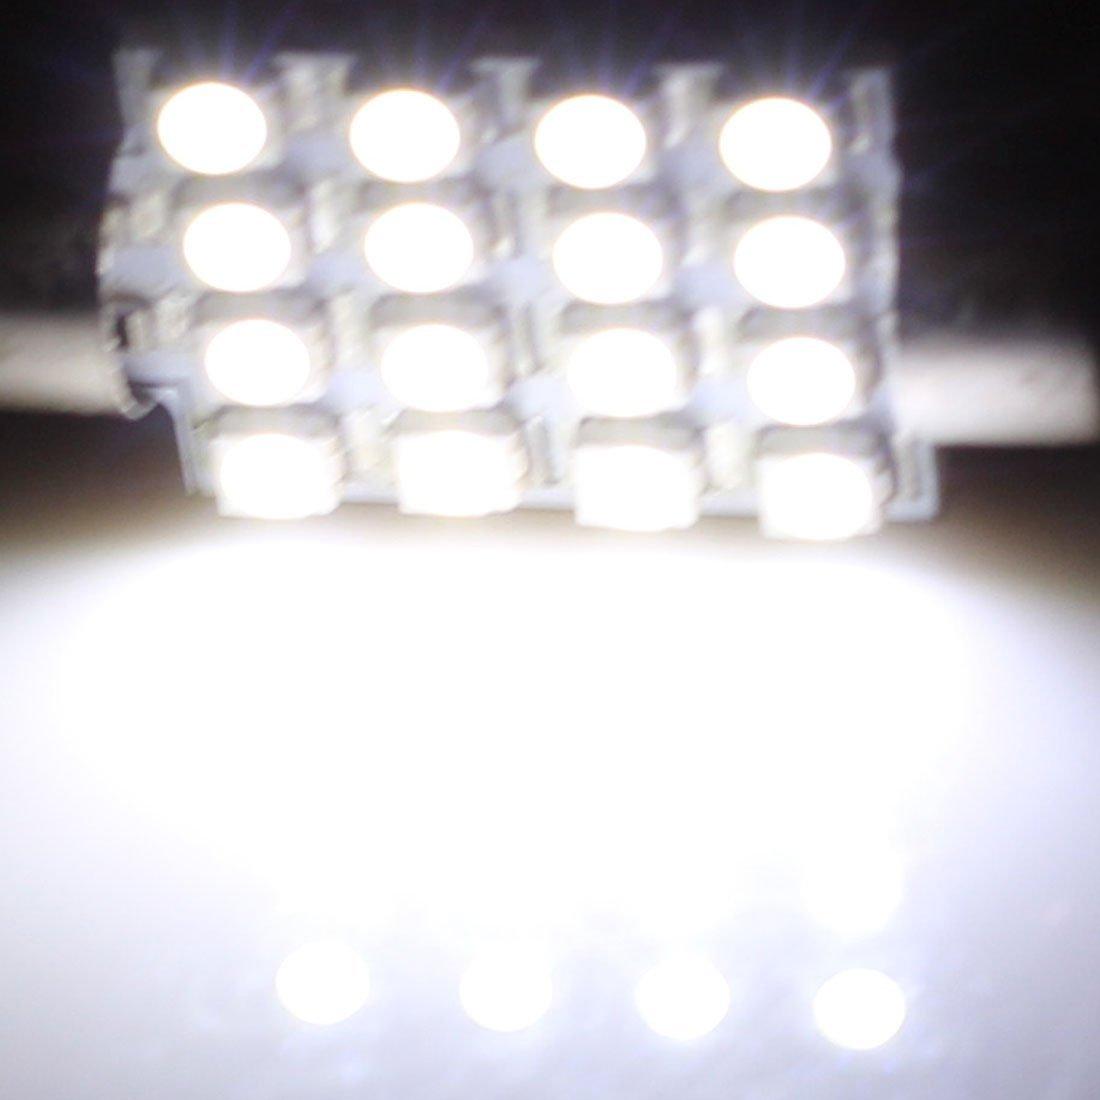 Amazon.com: eDealMax 2 piezas DE 39 mm 3528 16 LED Blanca Adorno de la bóveda Mapa Luz 6411 6413 DE3423: Automotive